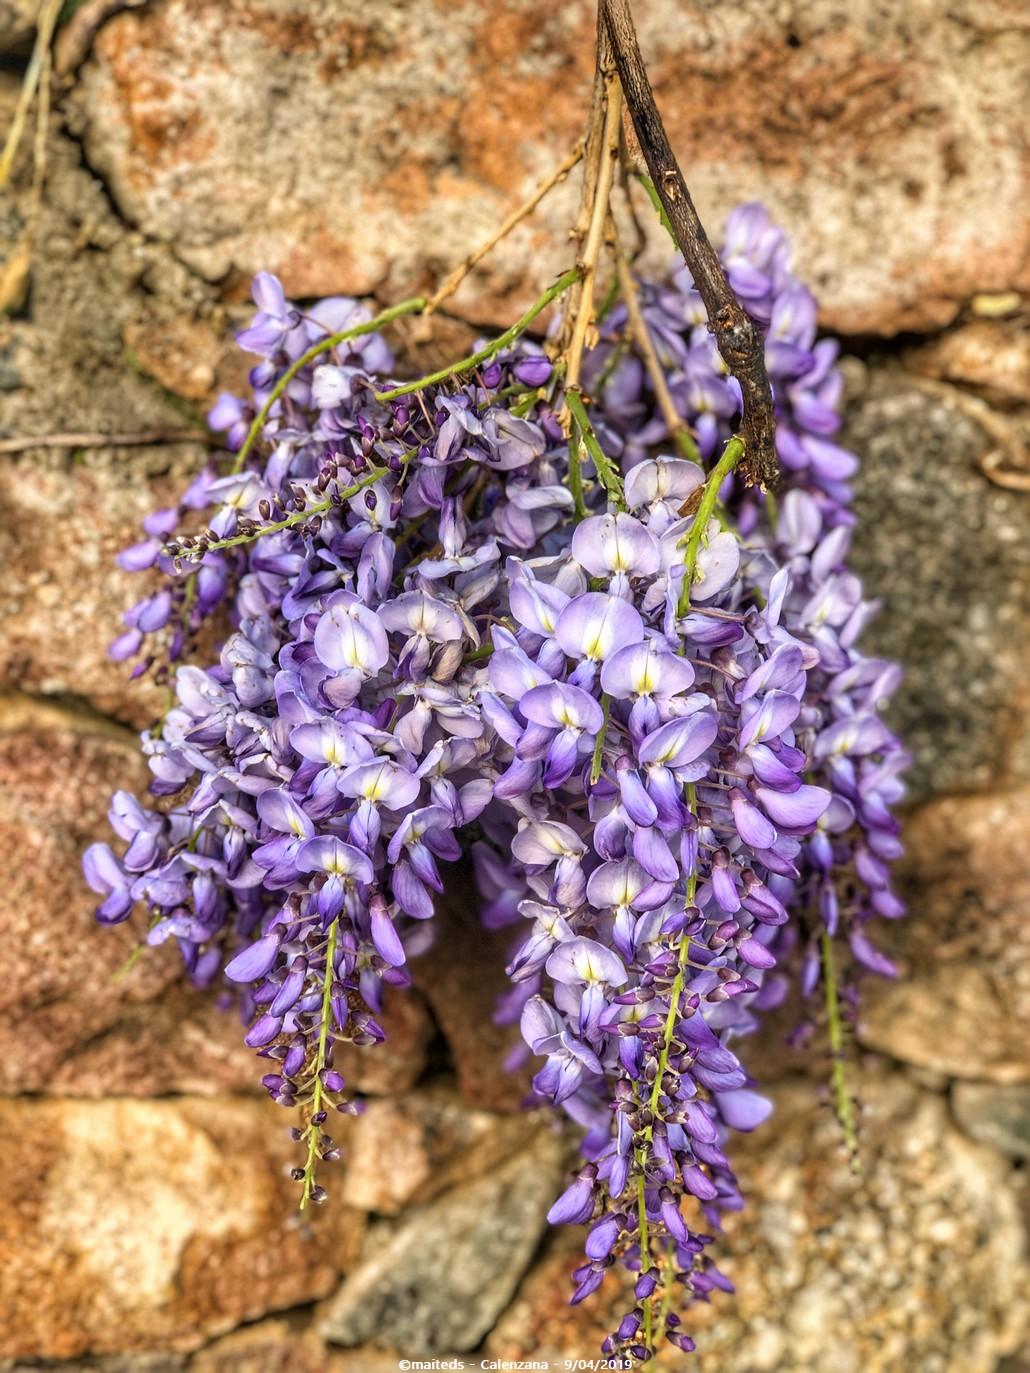 Sur les murs, il y avait des glycines (wisteria)